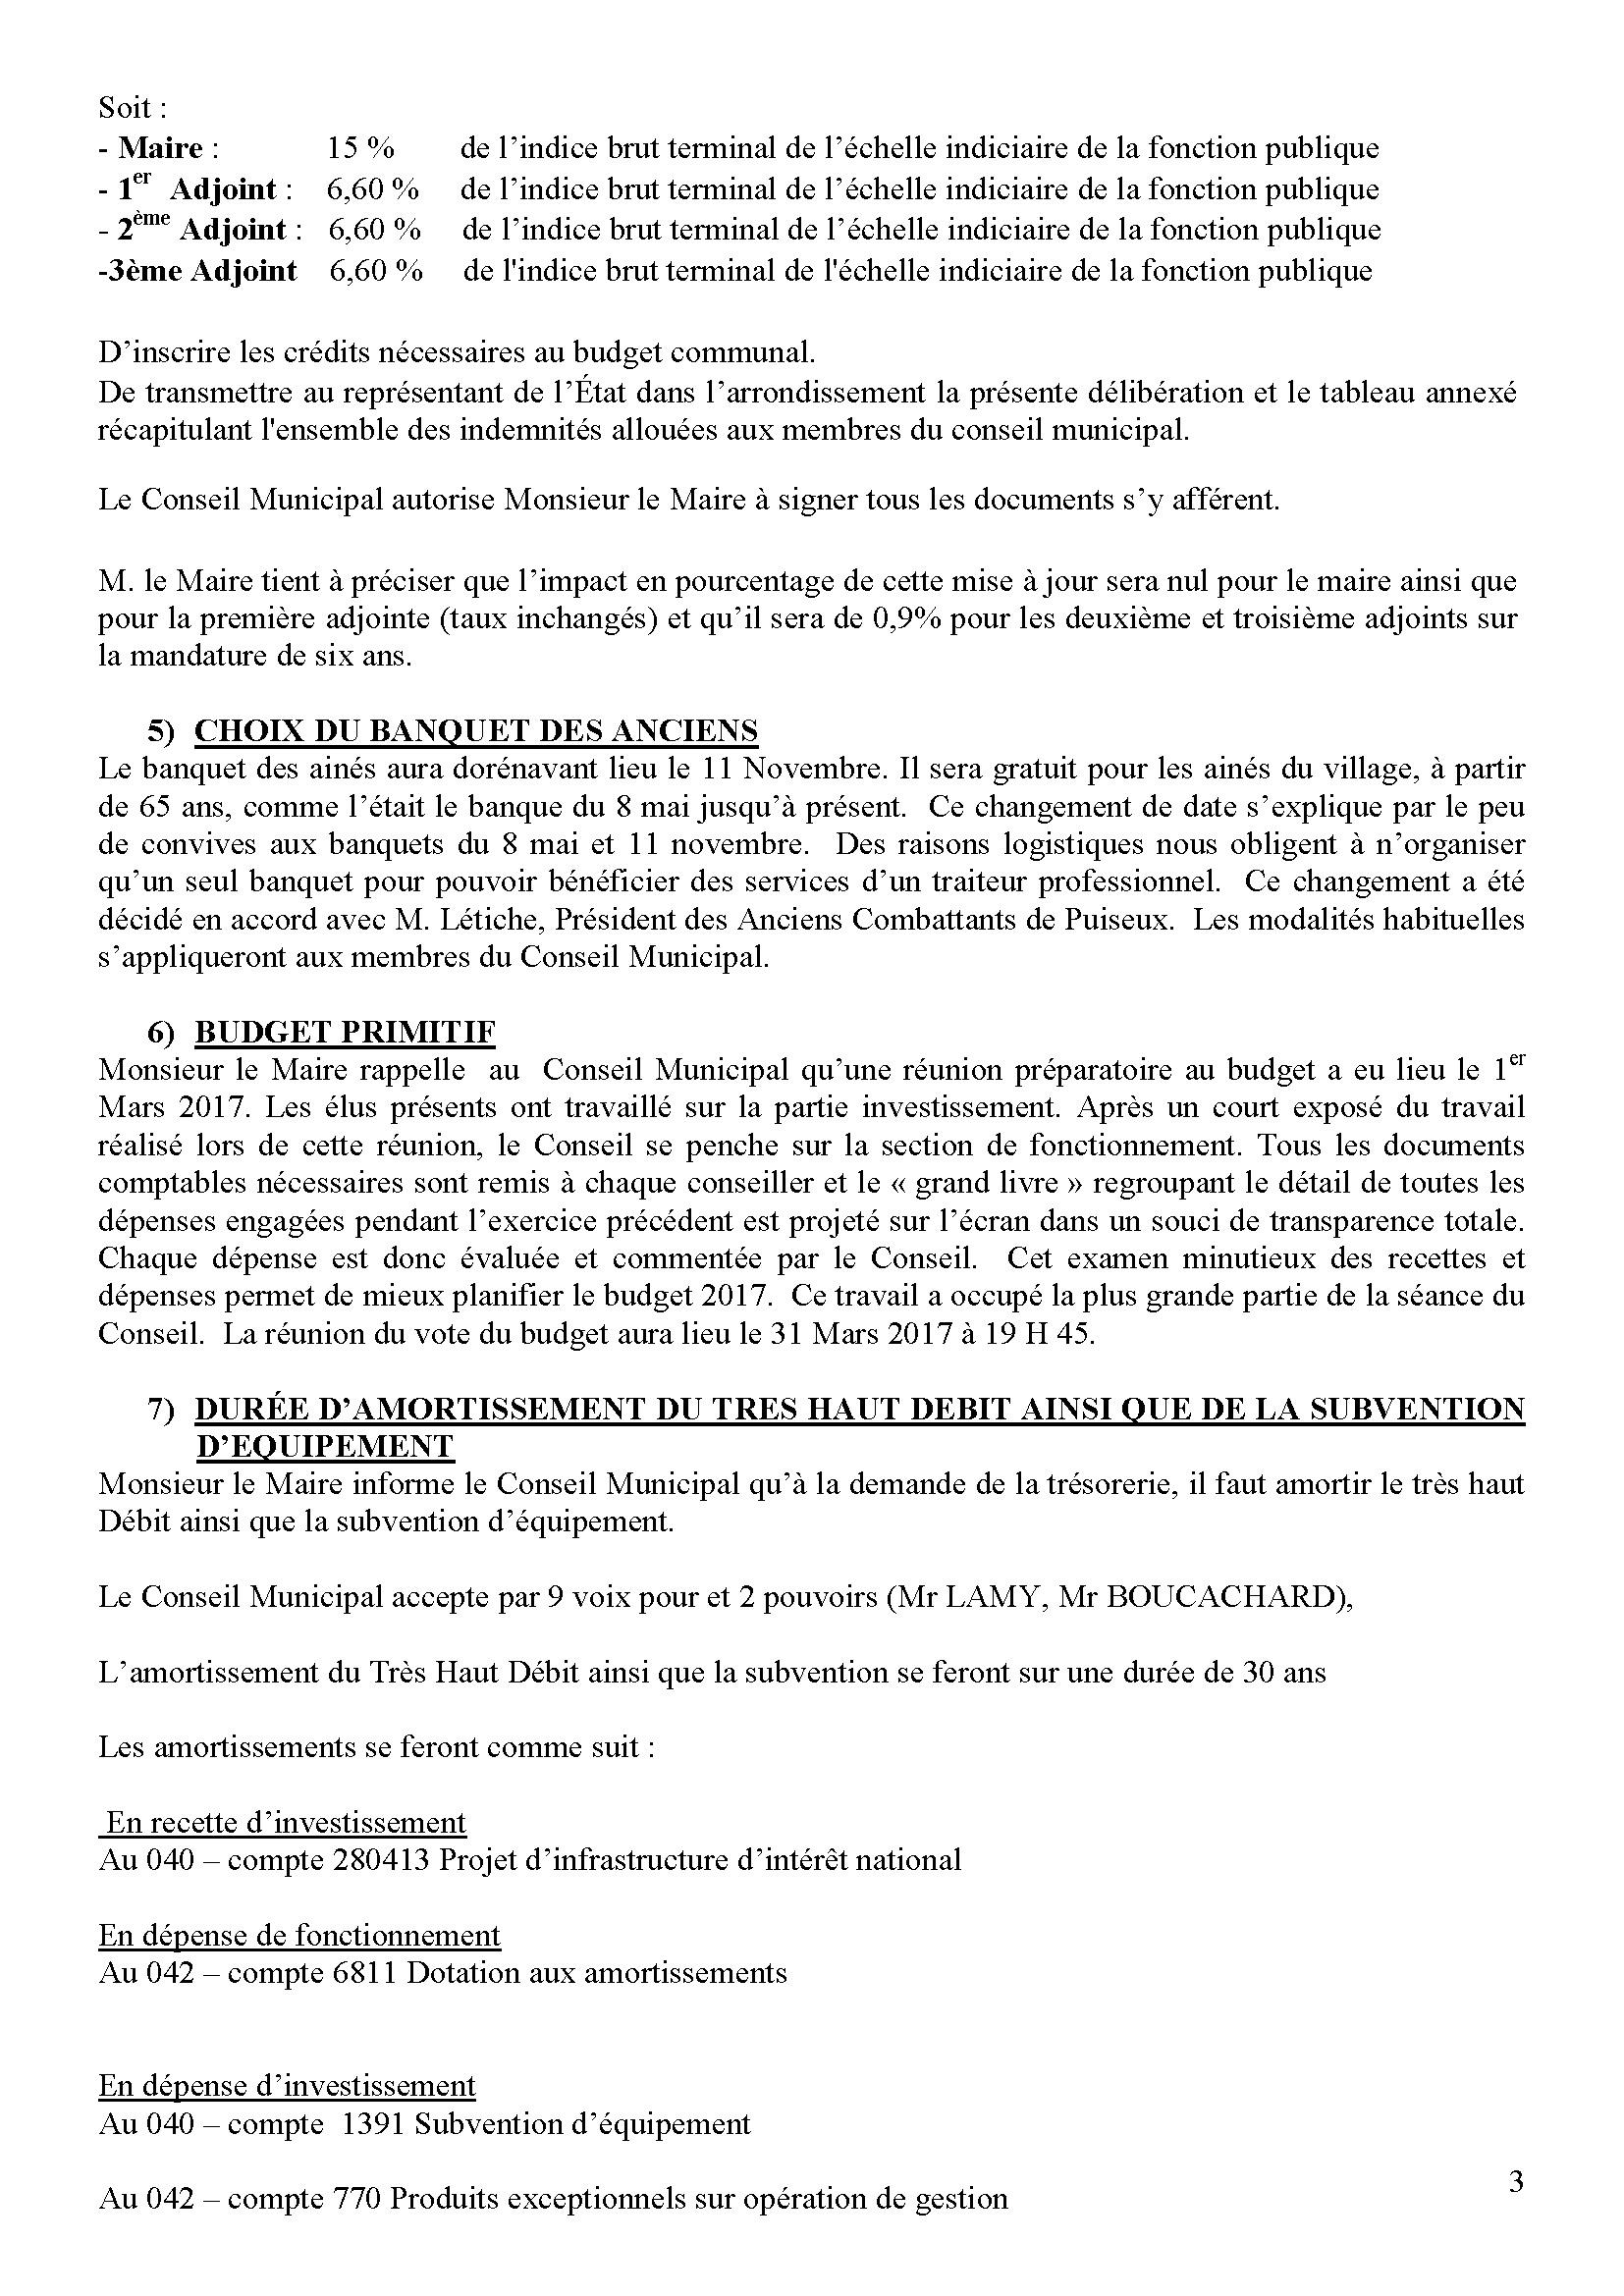 cr-du-10032017-page-3